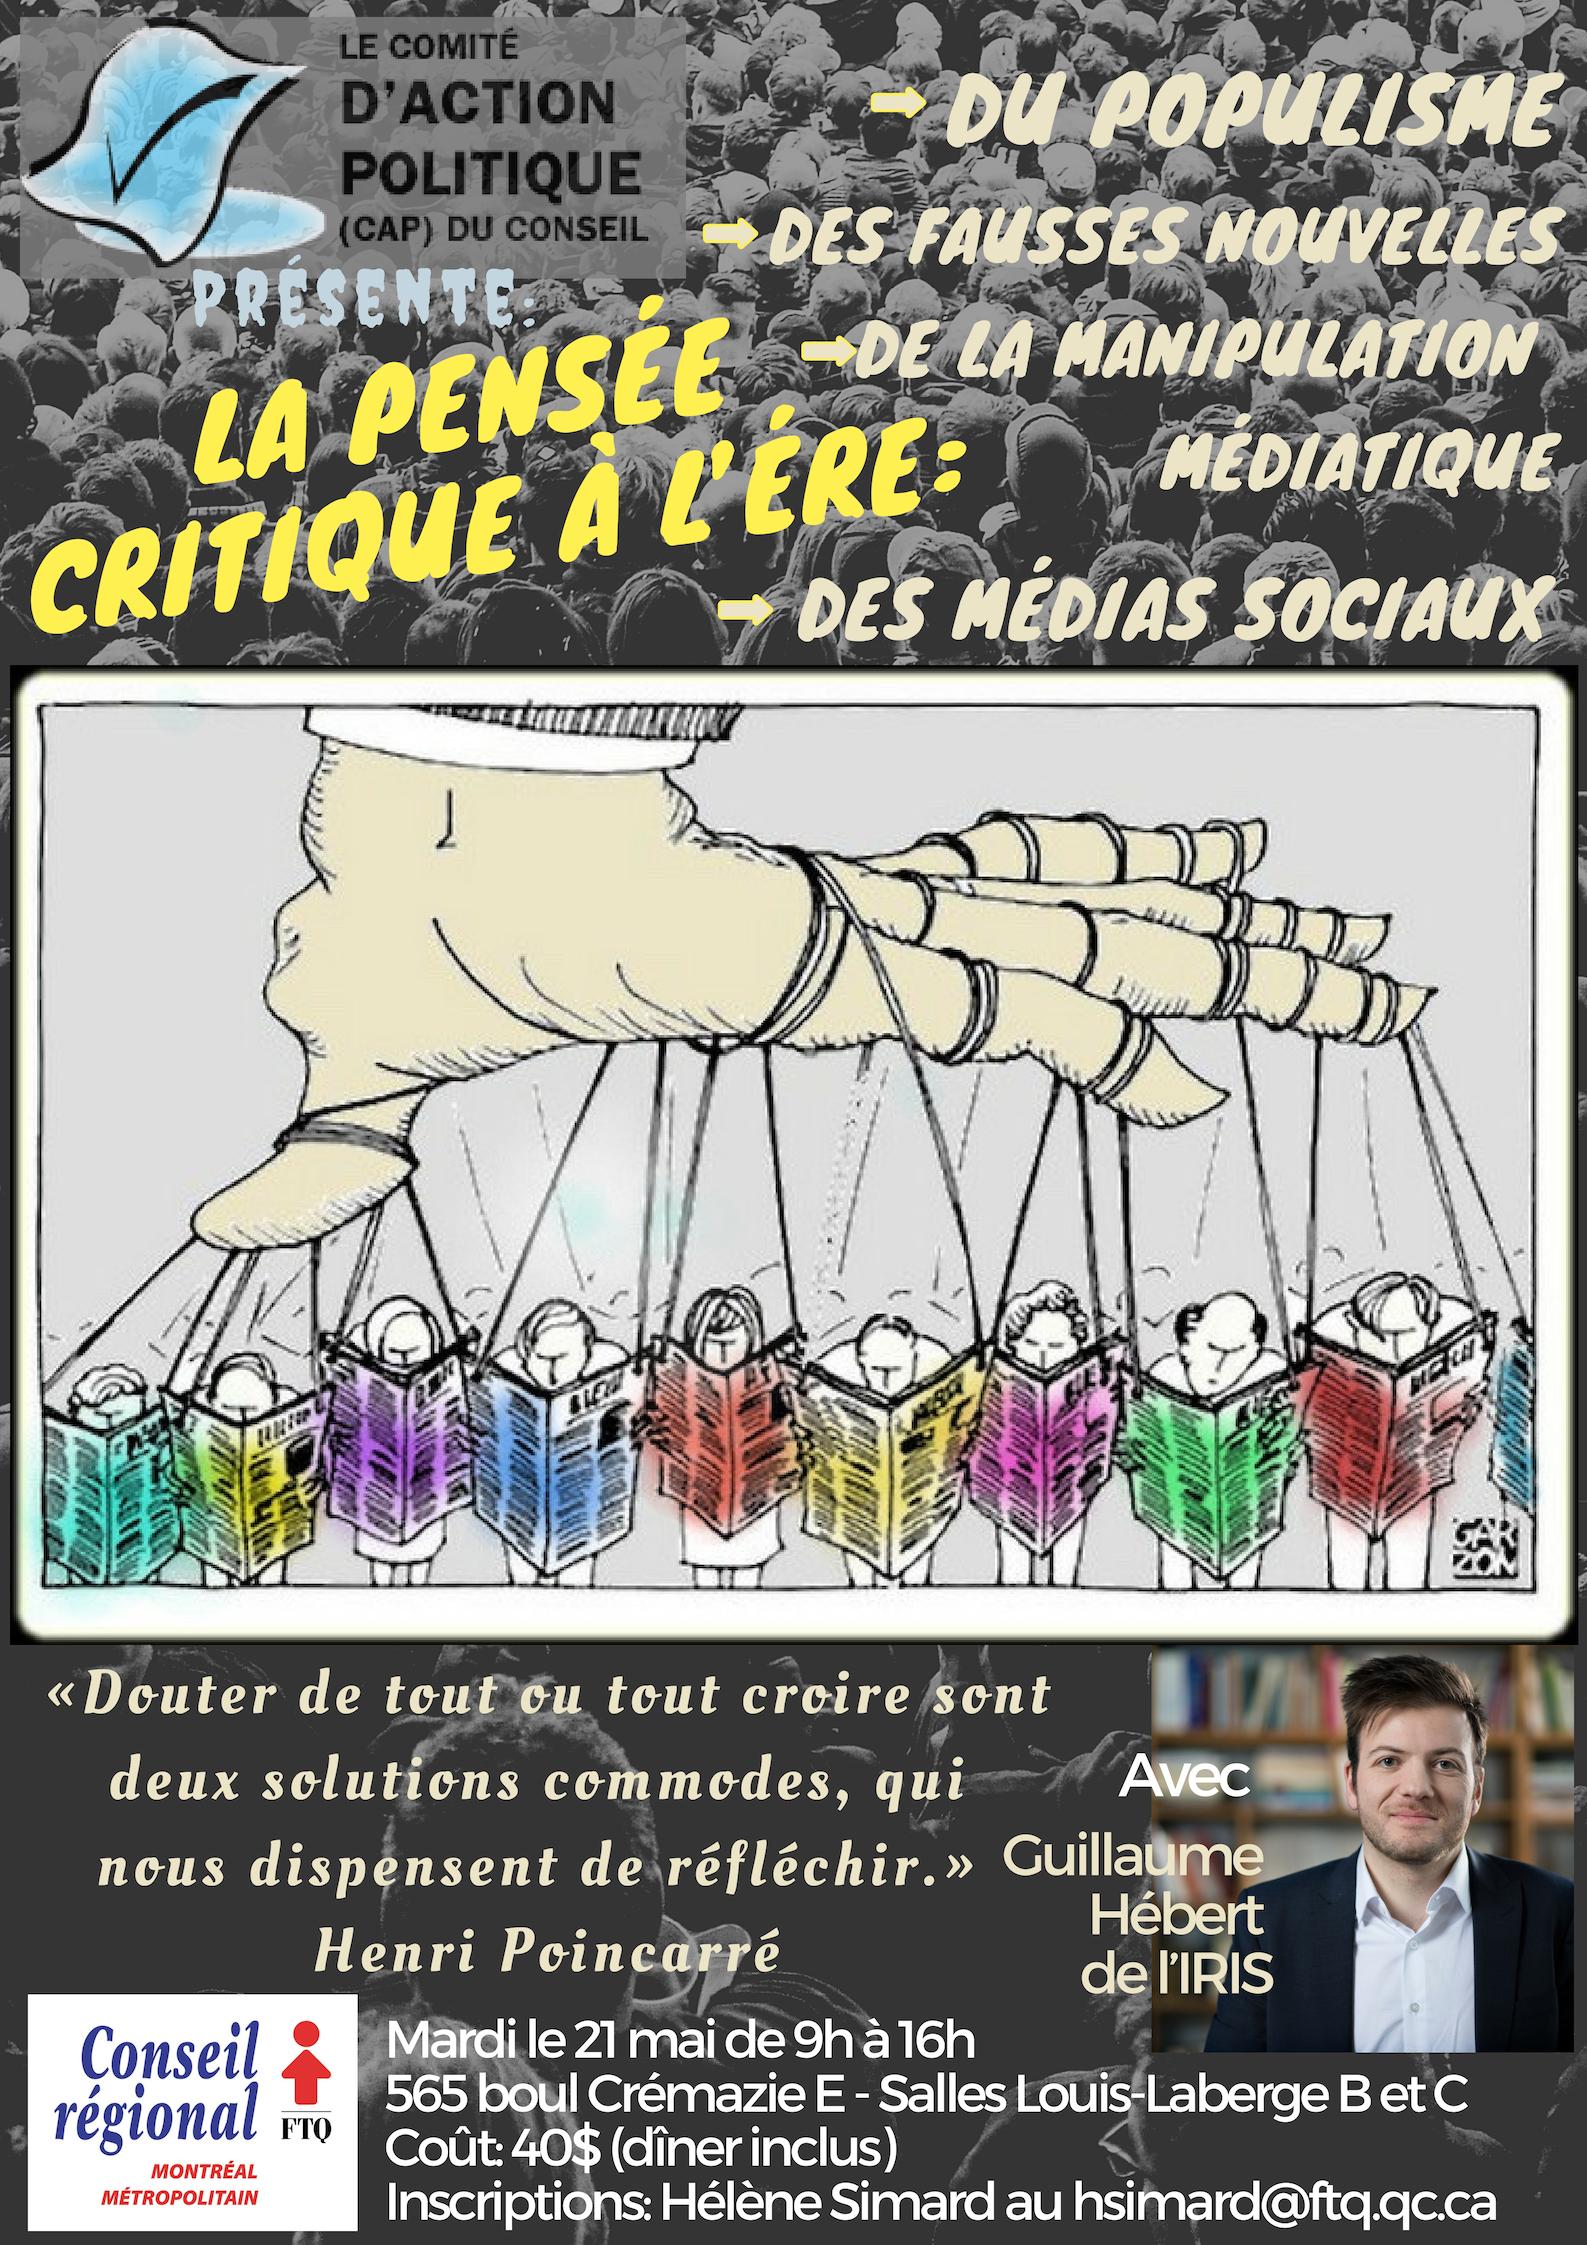 La pensée critique @ Salles Louis-Laberge B & C